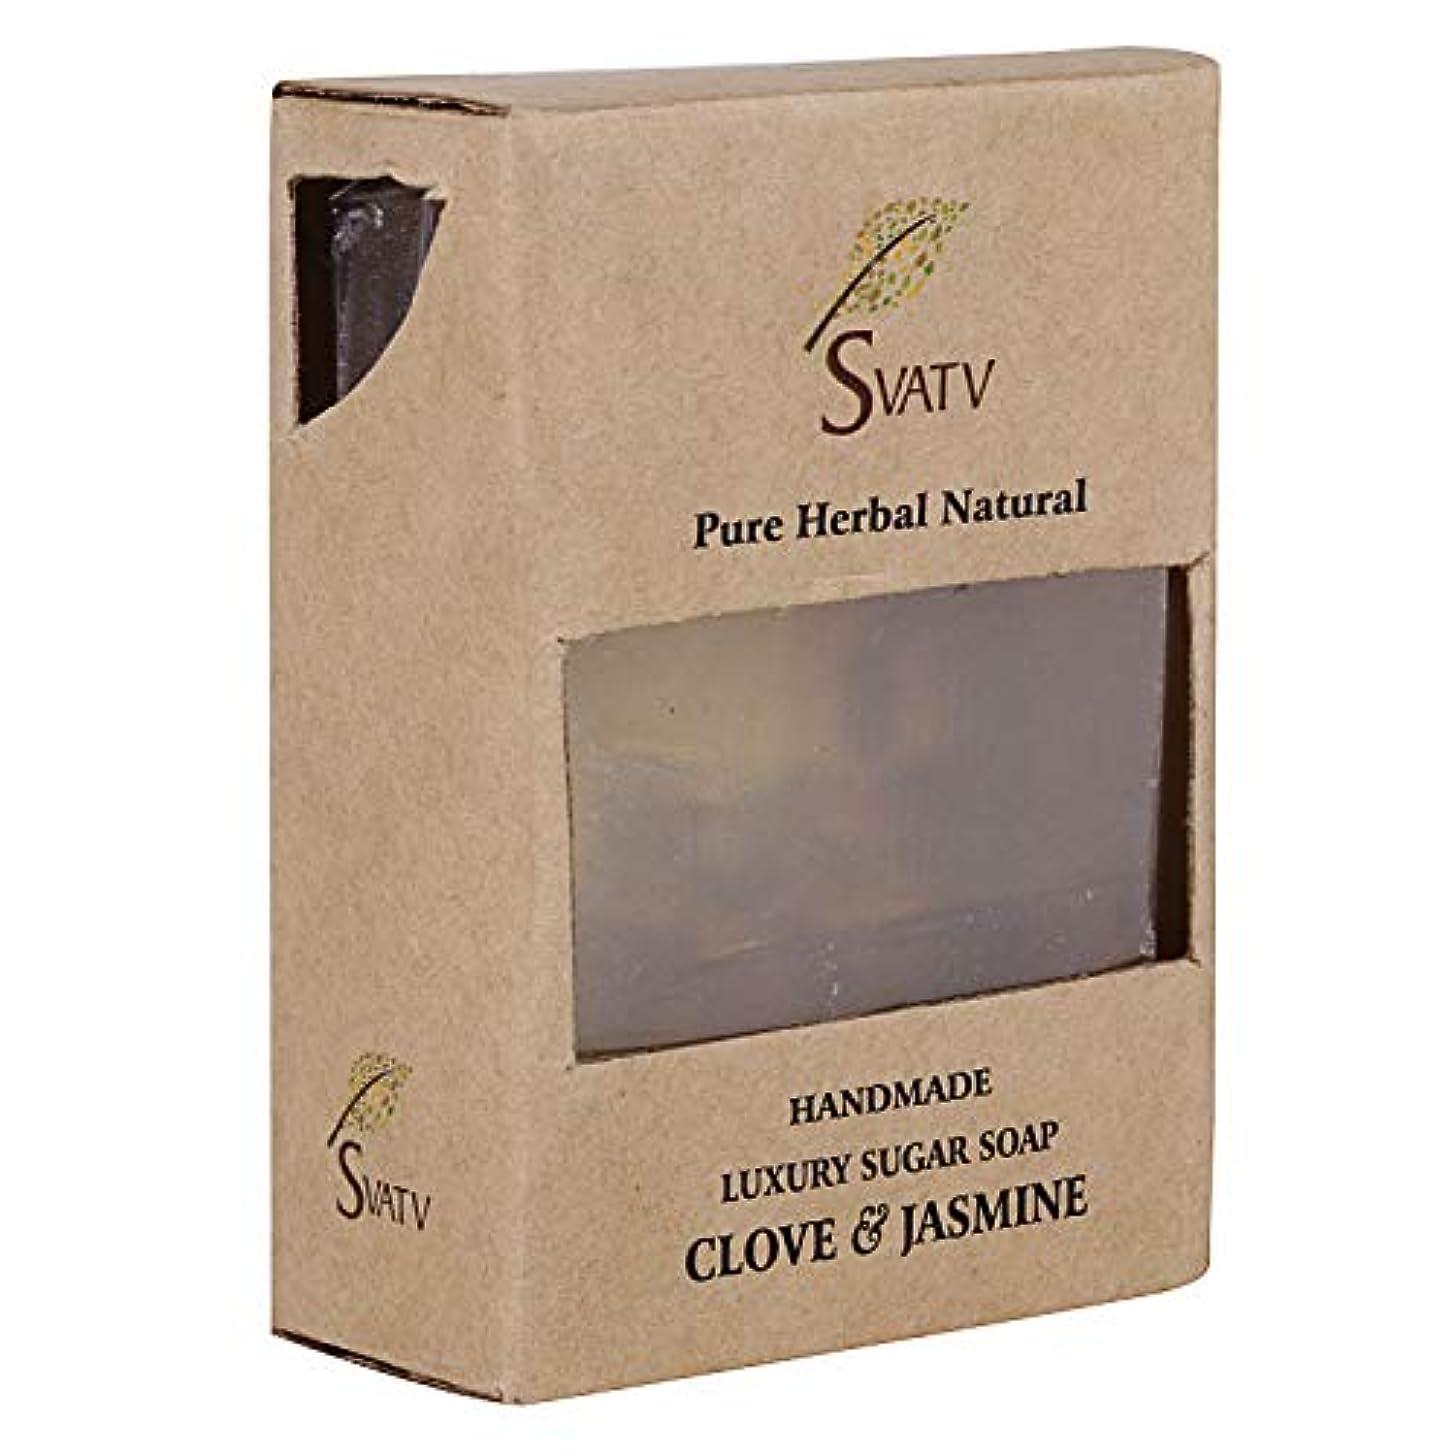 魔女侮辱判決SVATV Handmade Luxury Sugar Natural Soap ll Clove & Jasmine ll For All Skin types 100g Bar ll Kosher Certified